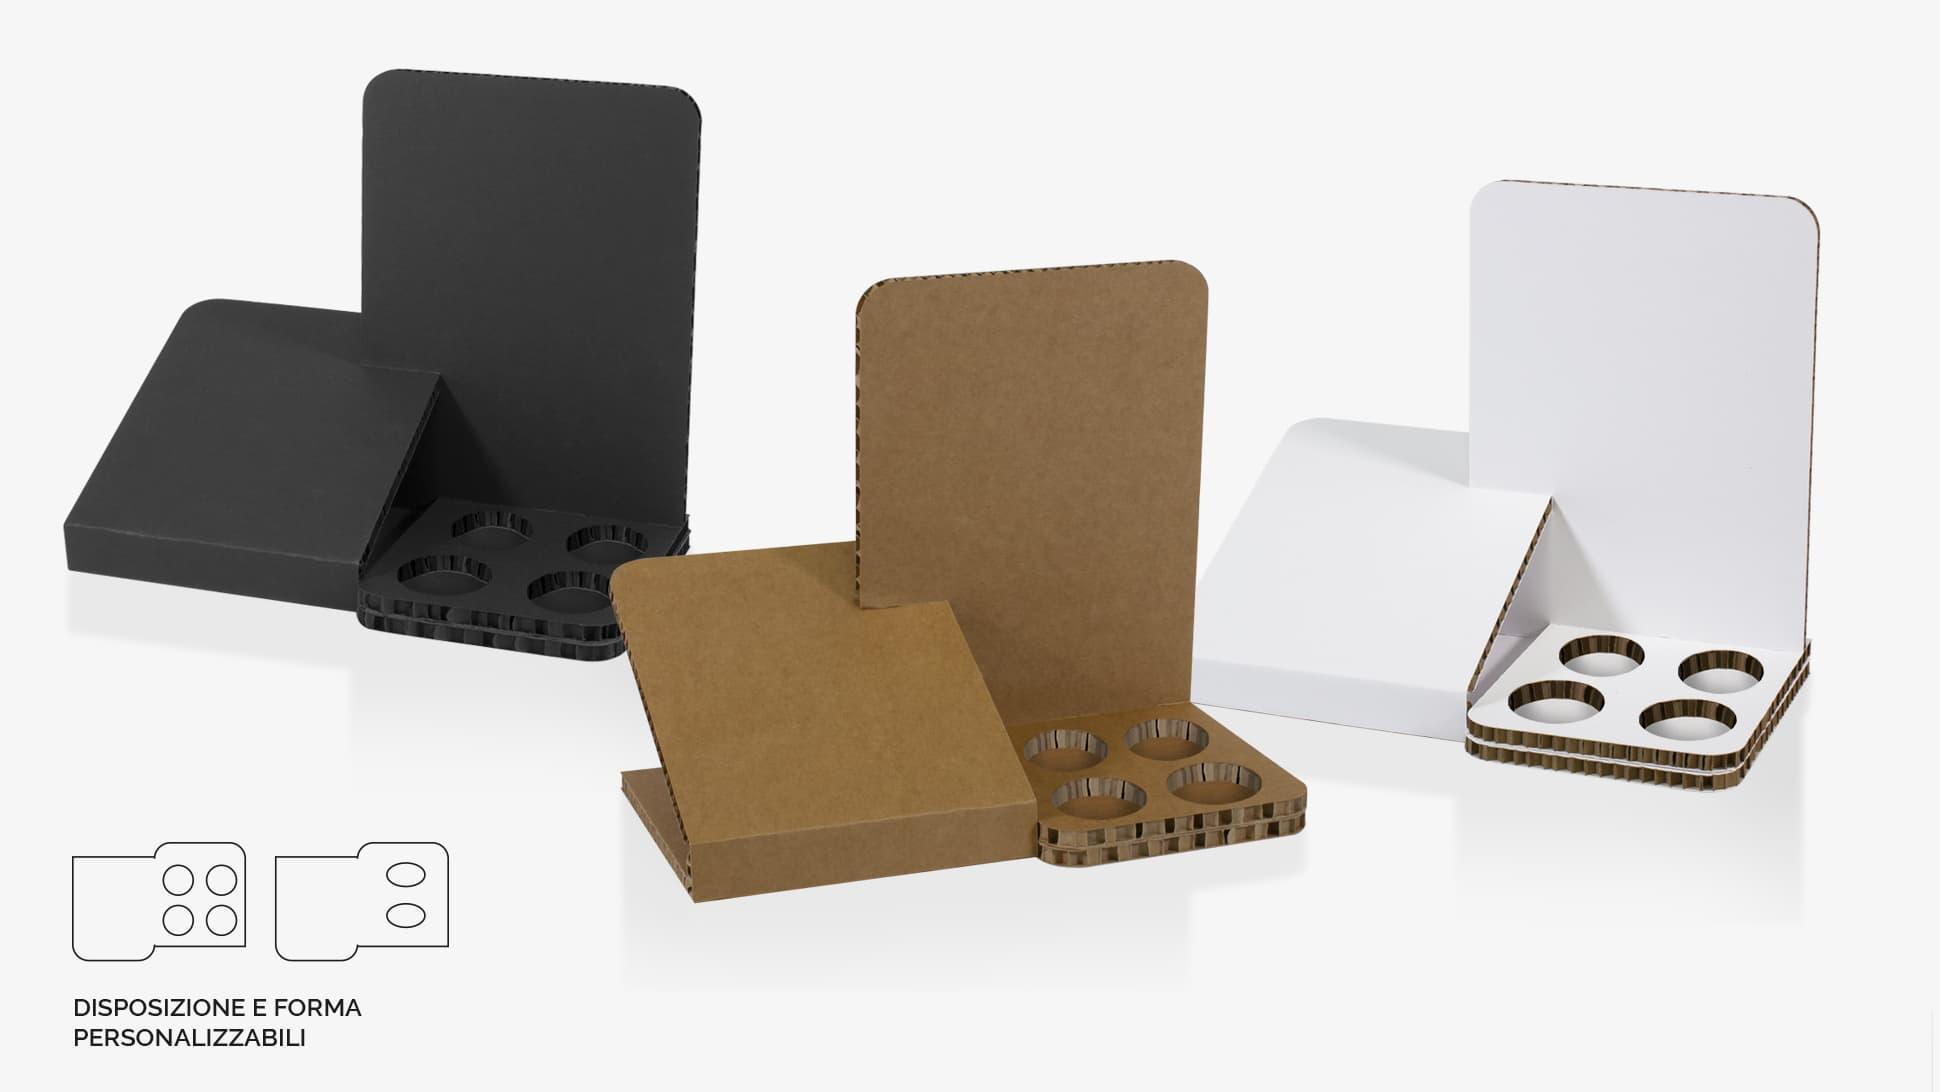 Espositore da banco Gelso disponibile color avana o nero con fori personalizzabili alla base | tictac.it